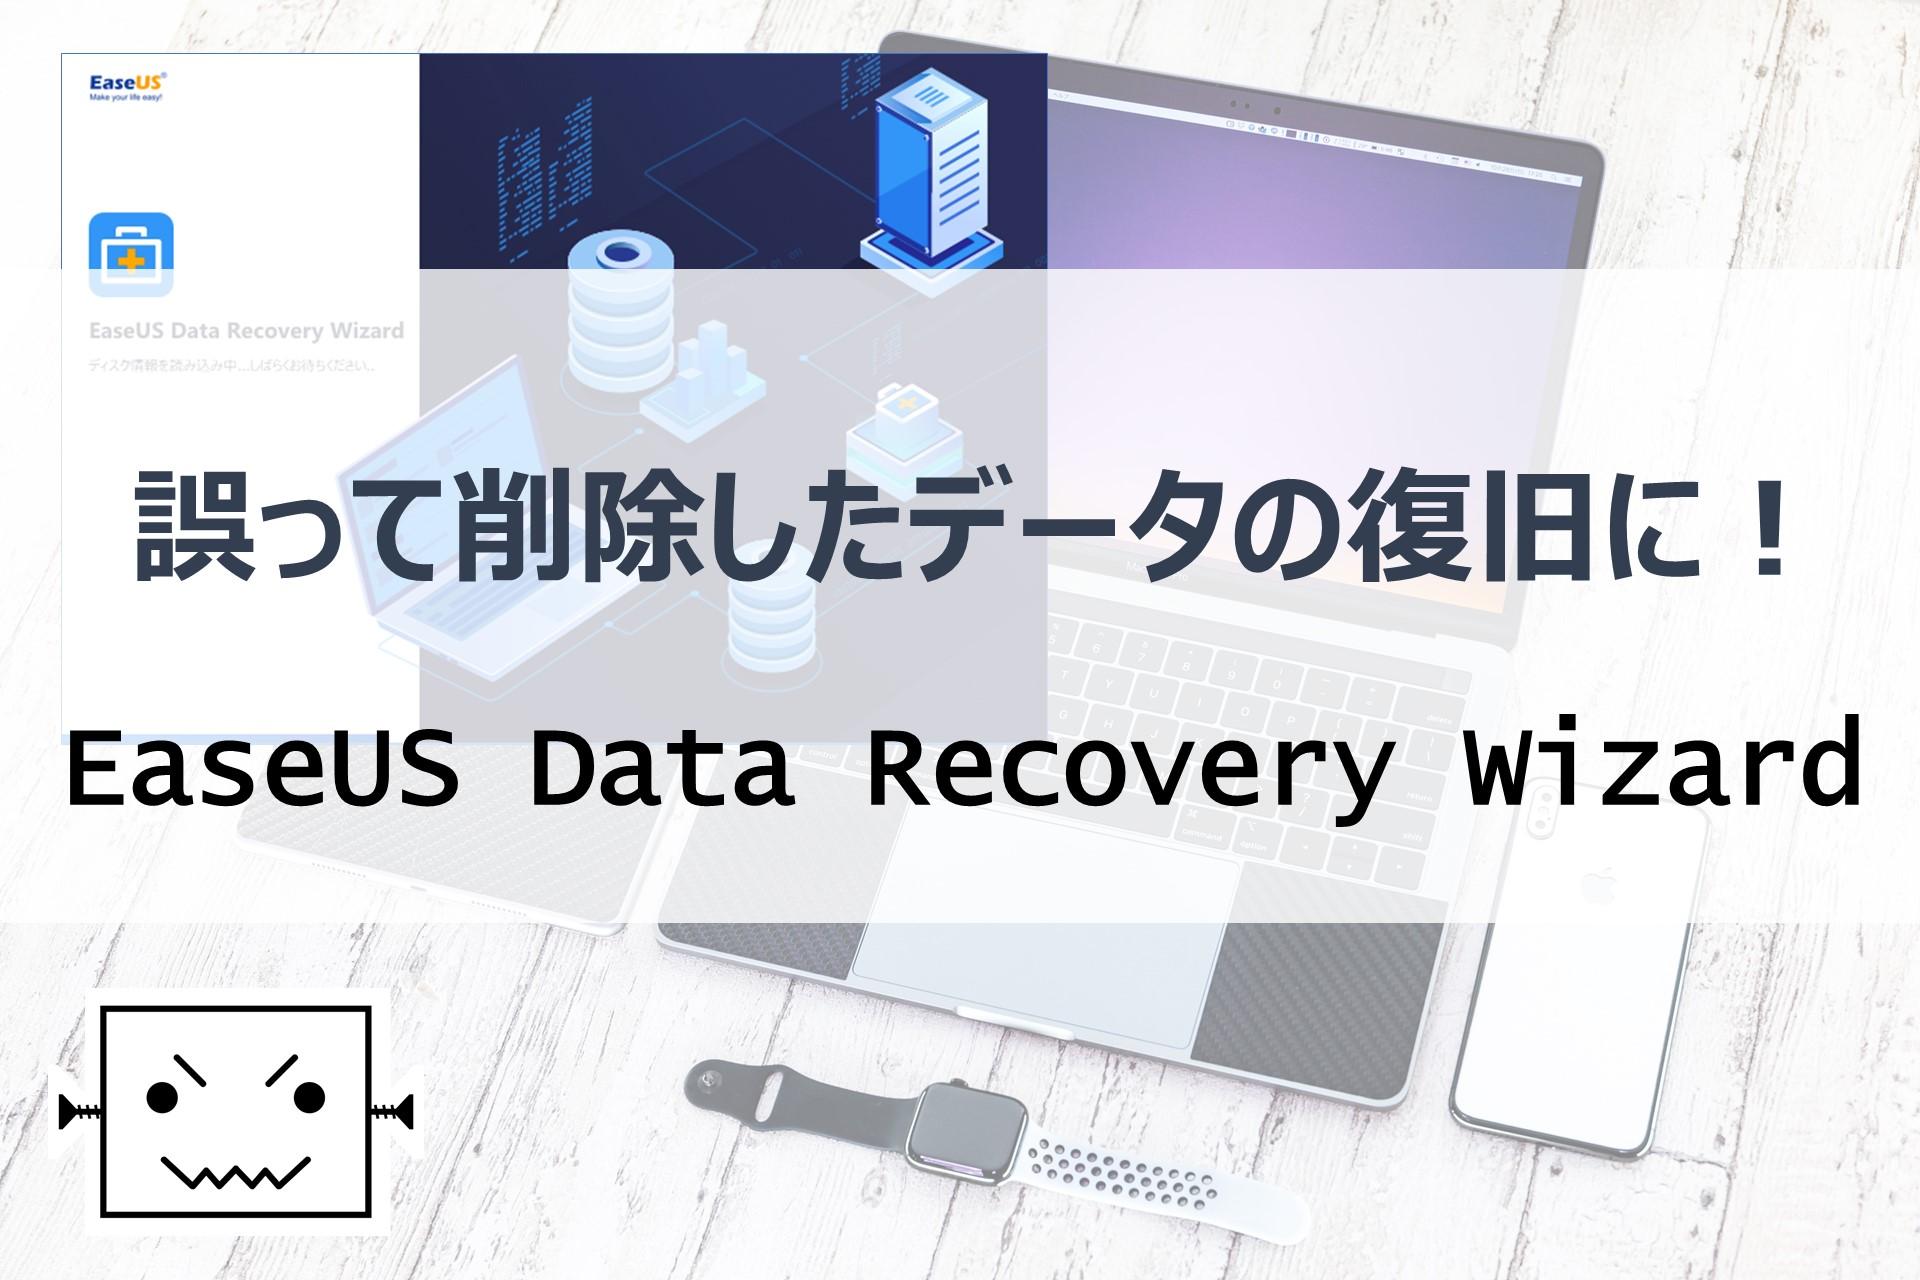 データ復旧 アイキャッチ